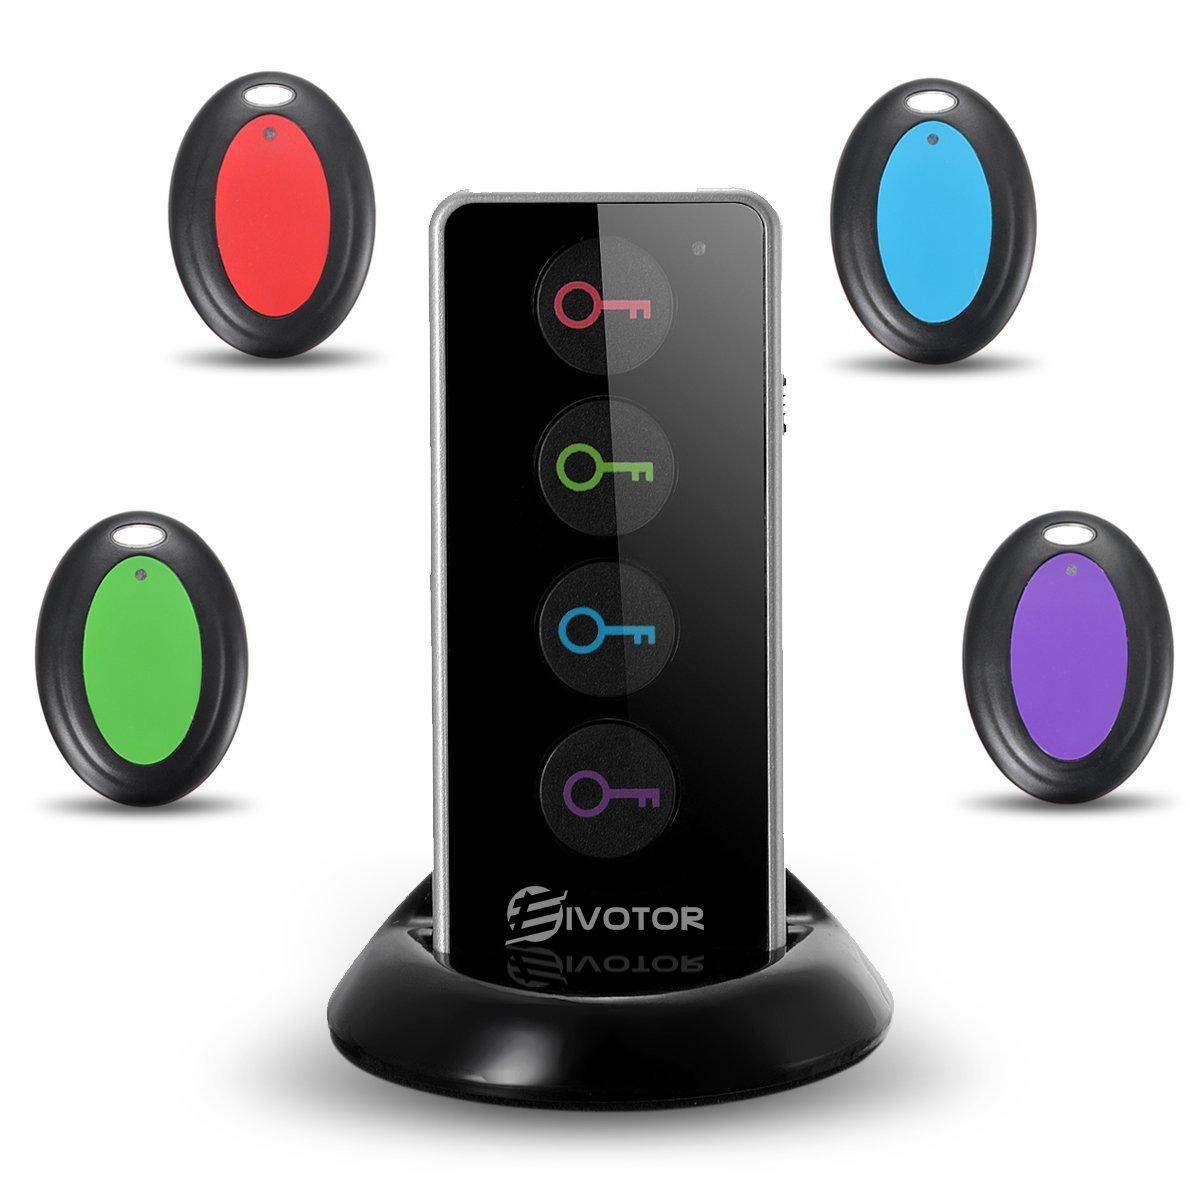 Key Finder, EIVOTOR Cercatore Chiave Wireless con Luce LED, Trova Chiave Sonoro 1 Telecomando Trasmettitore e 4 Ricevitori, Localizzatore Anti-Lost con Allarme Sonoro